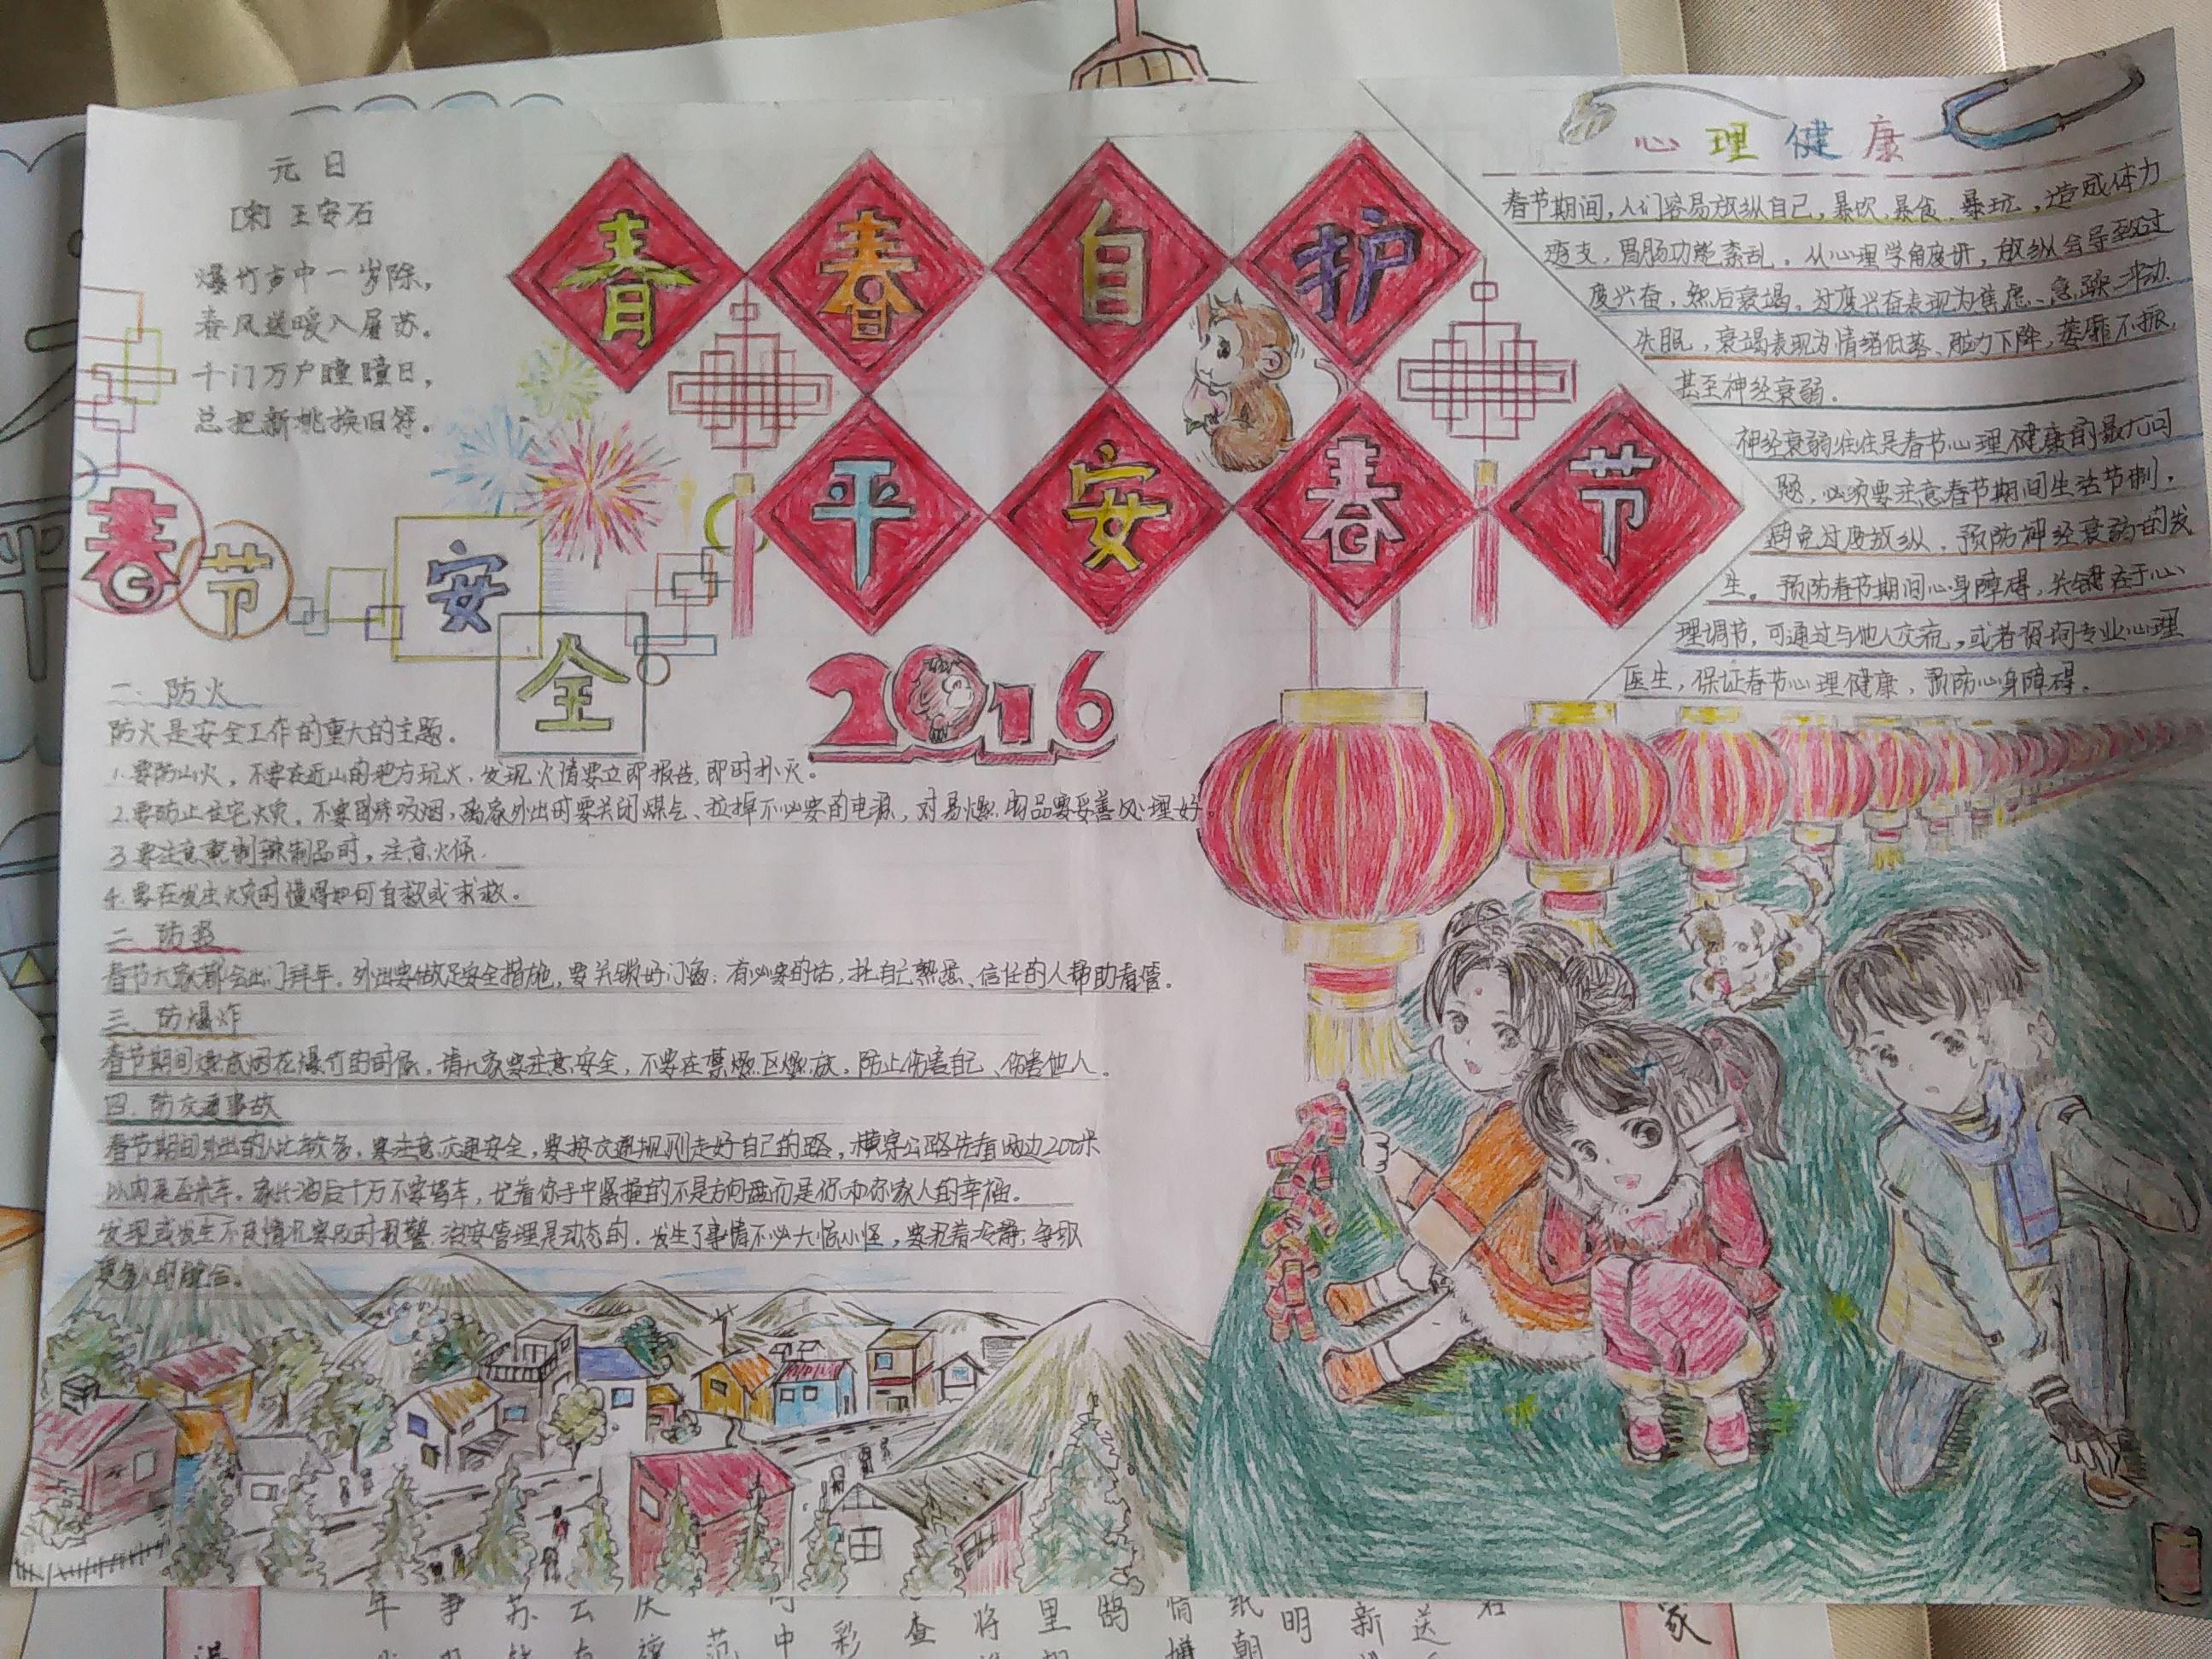 平安春节手抄报展